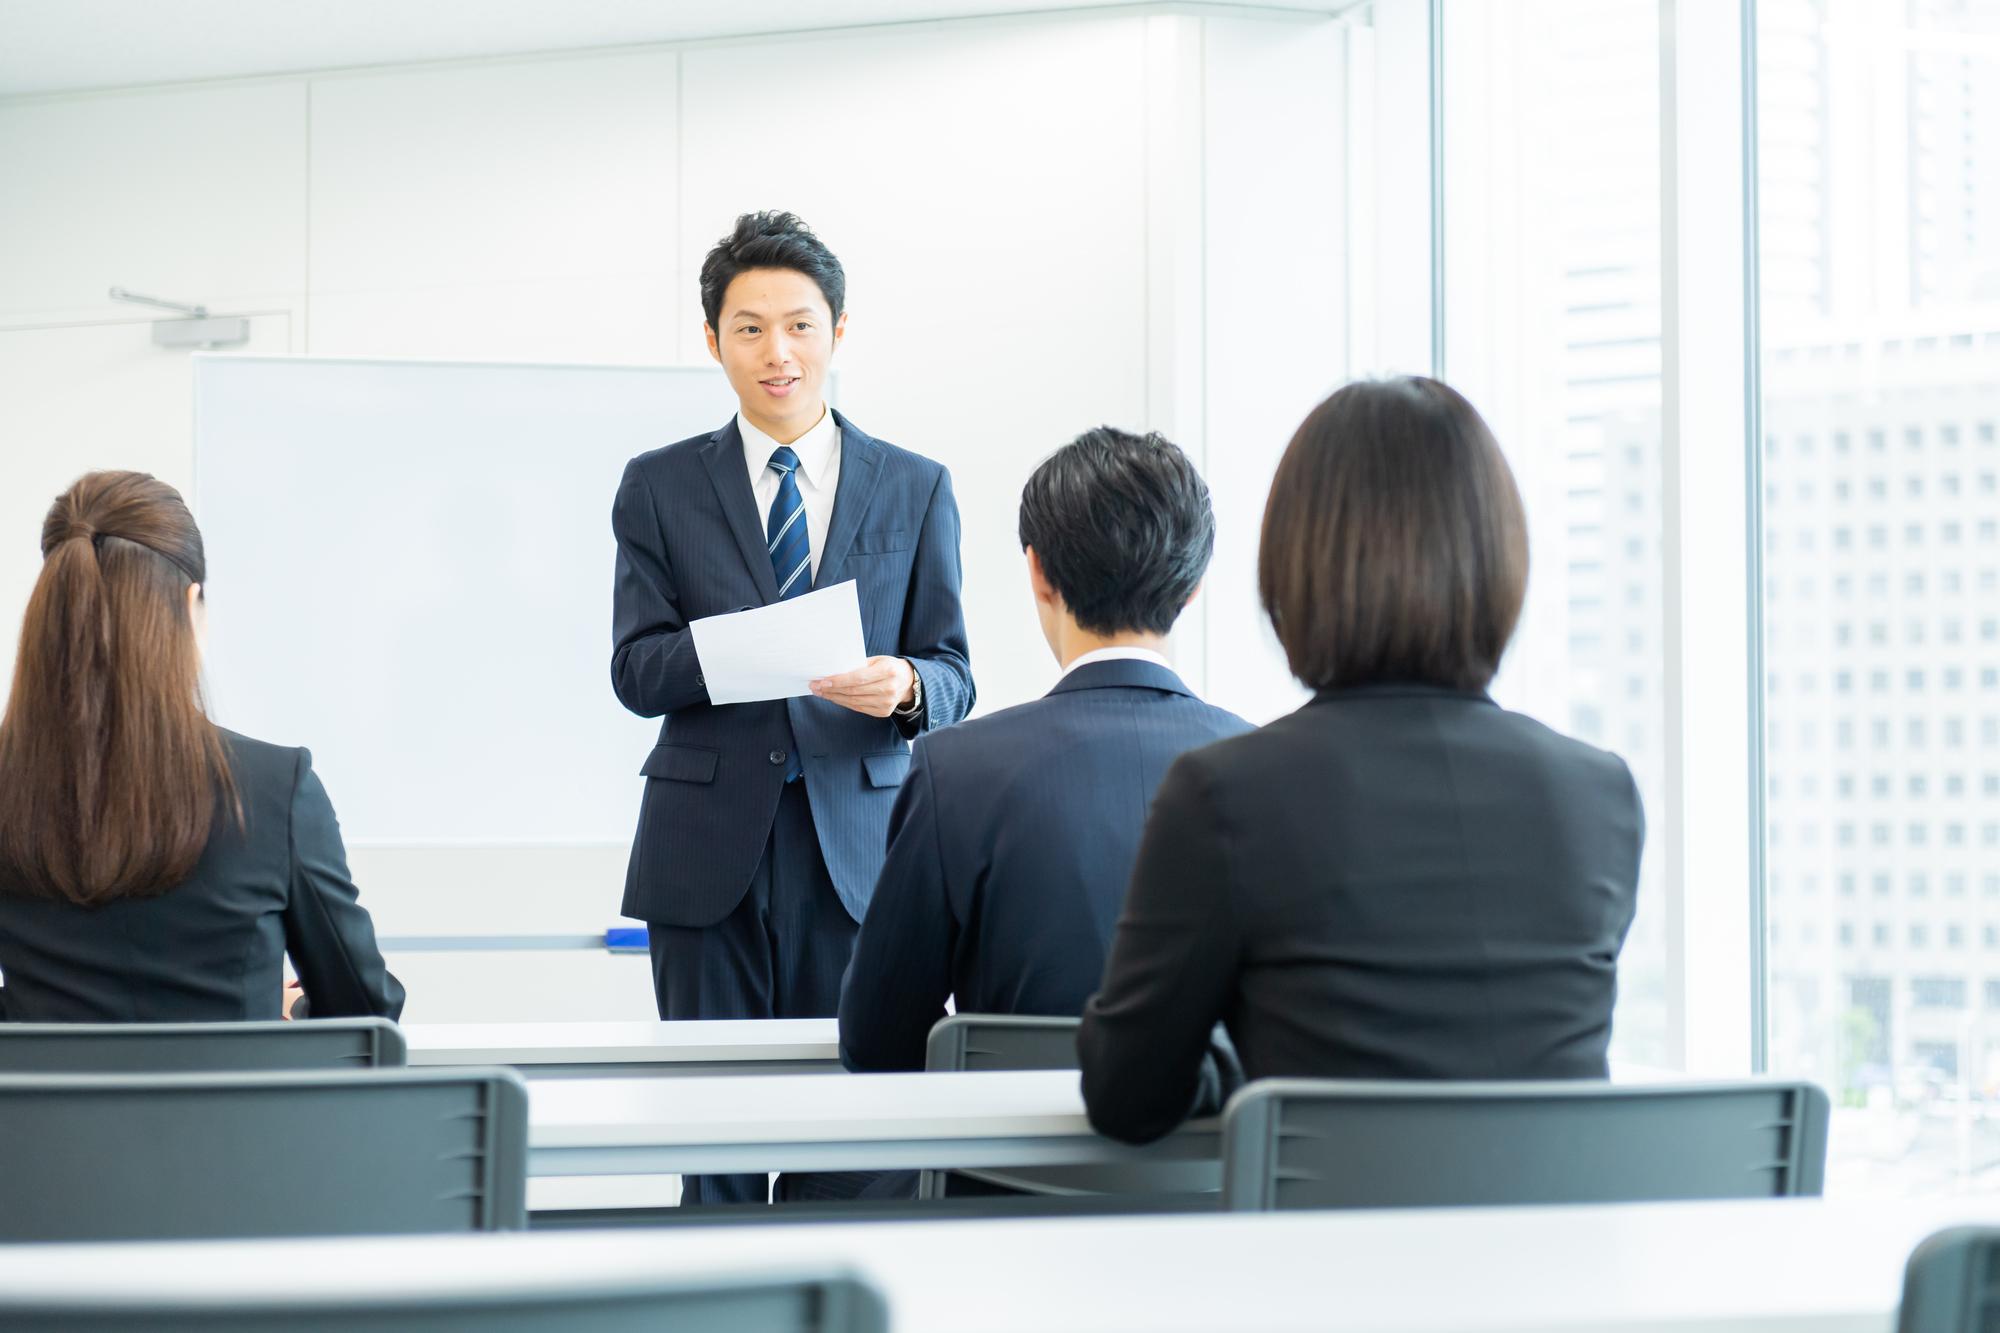 新入社員研修の充実度を求める学生が増加傾向に!採用人事は研修結果を次の採用にどう結びつける?